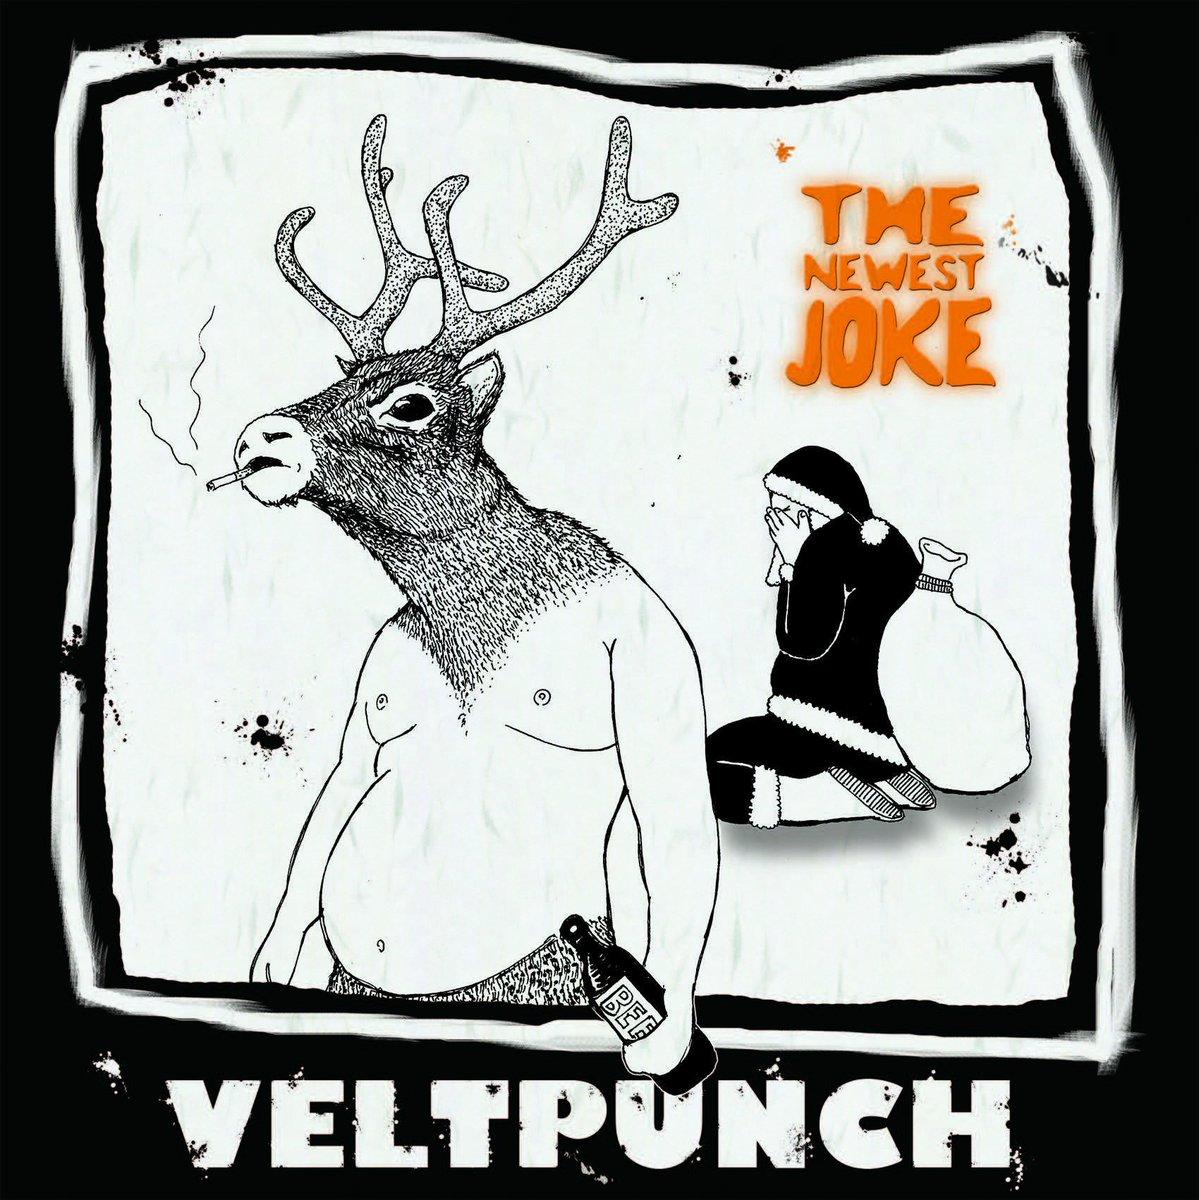 VELTPUNCHの8thアルバム「THE NEWEST JOKE」が7/20に発売決定です!  どうすか、このジャケ?  https://t.co/TLO9xWP6Qt